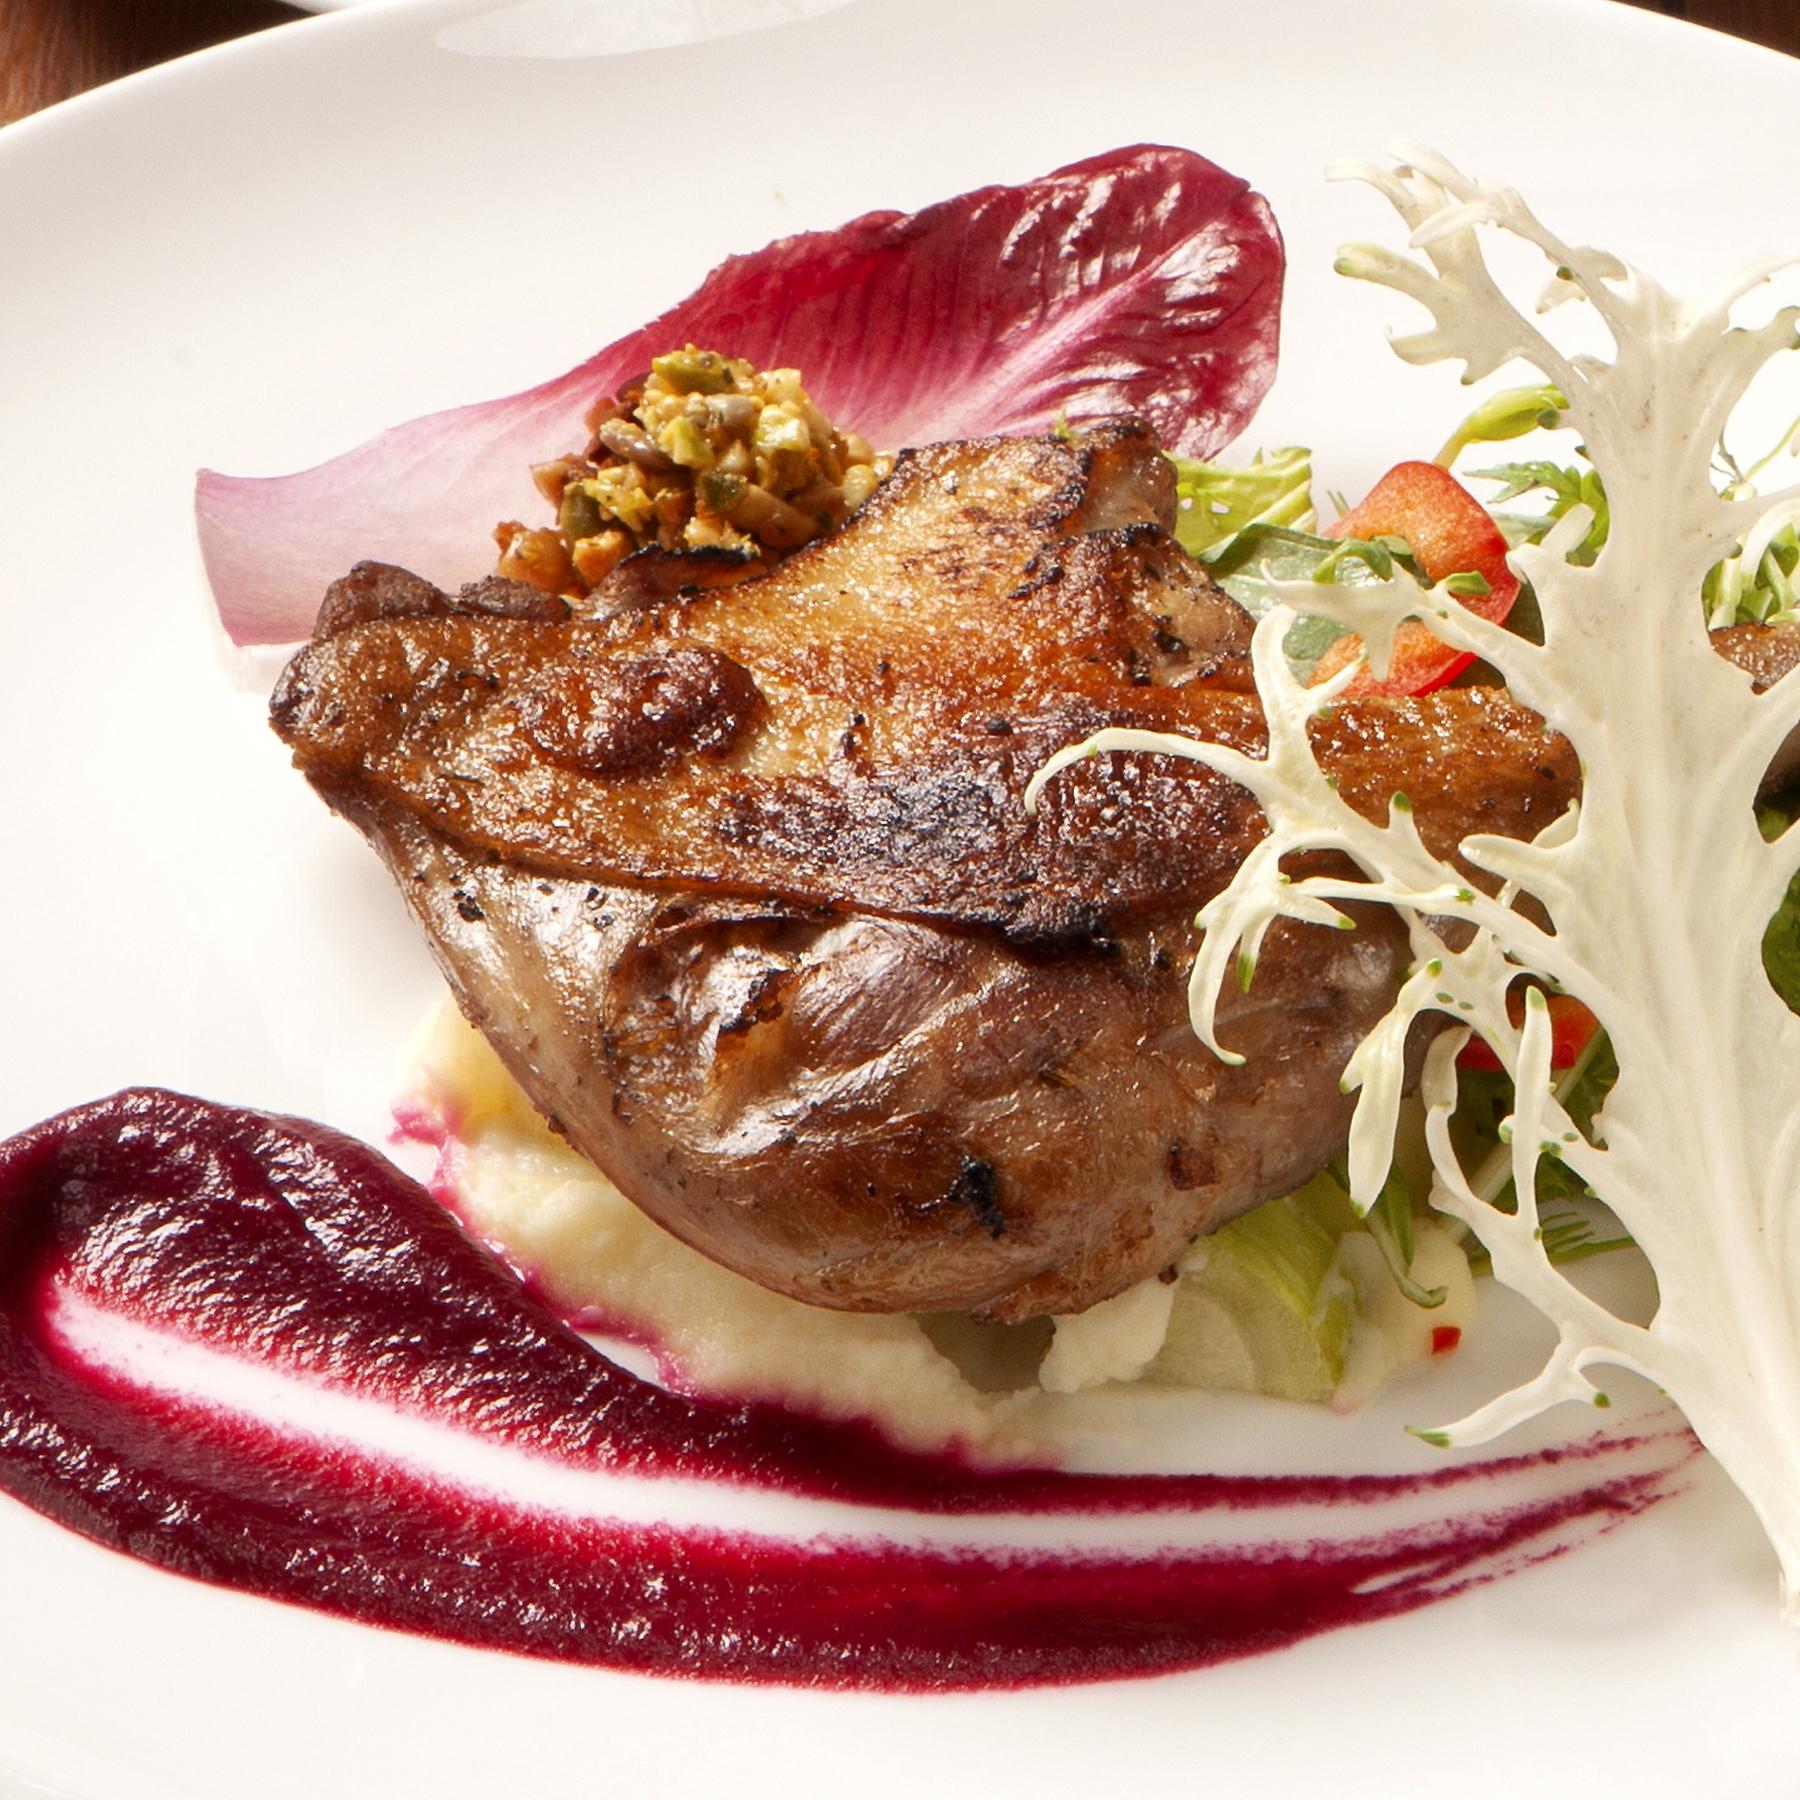 選べるメインディッシュ 01.鴨もも肉のコンフィ ビーツ、白ネギとジャガイモ、ピスタチオなど...3種のソースとともに